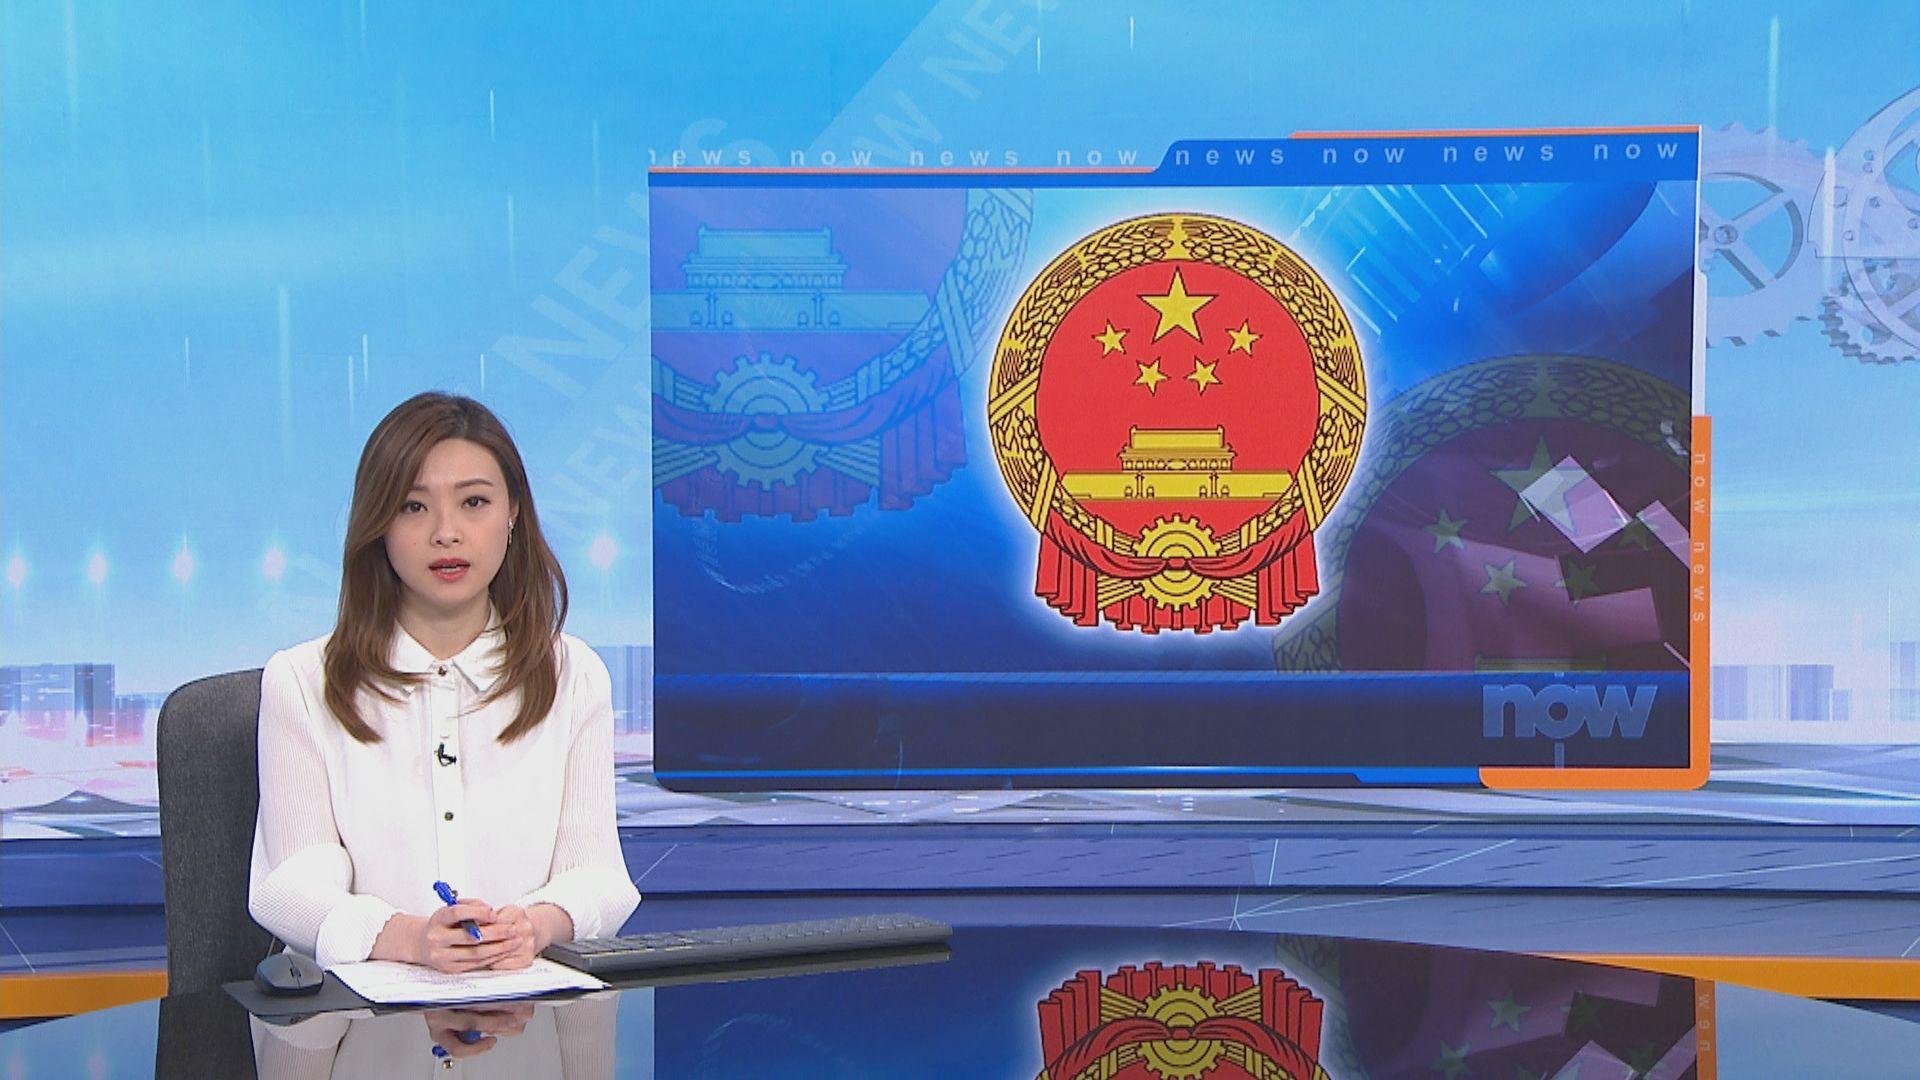 消息:人大常委會今日會議議程沒涉及香港議案